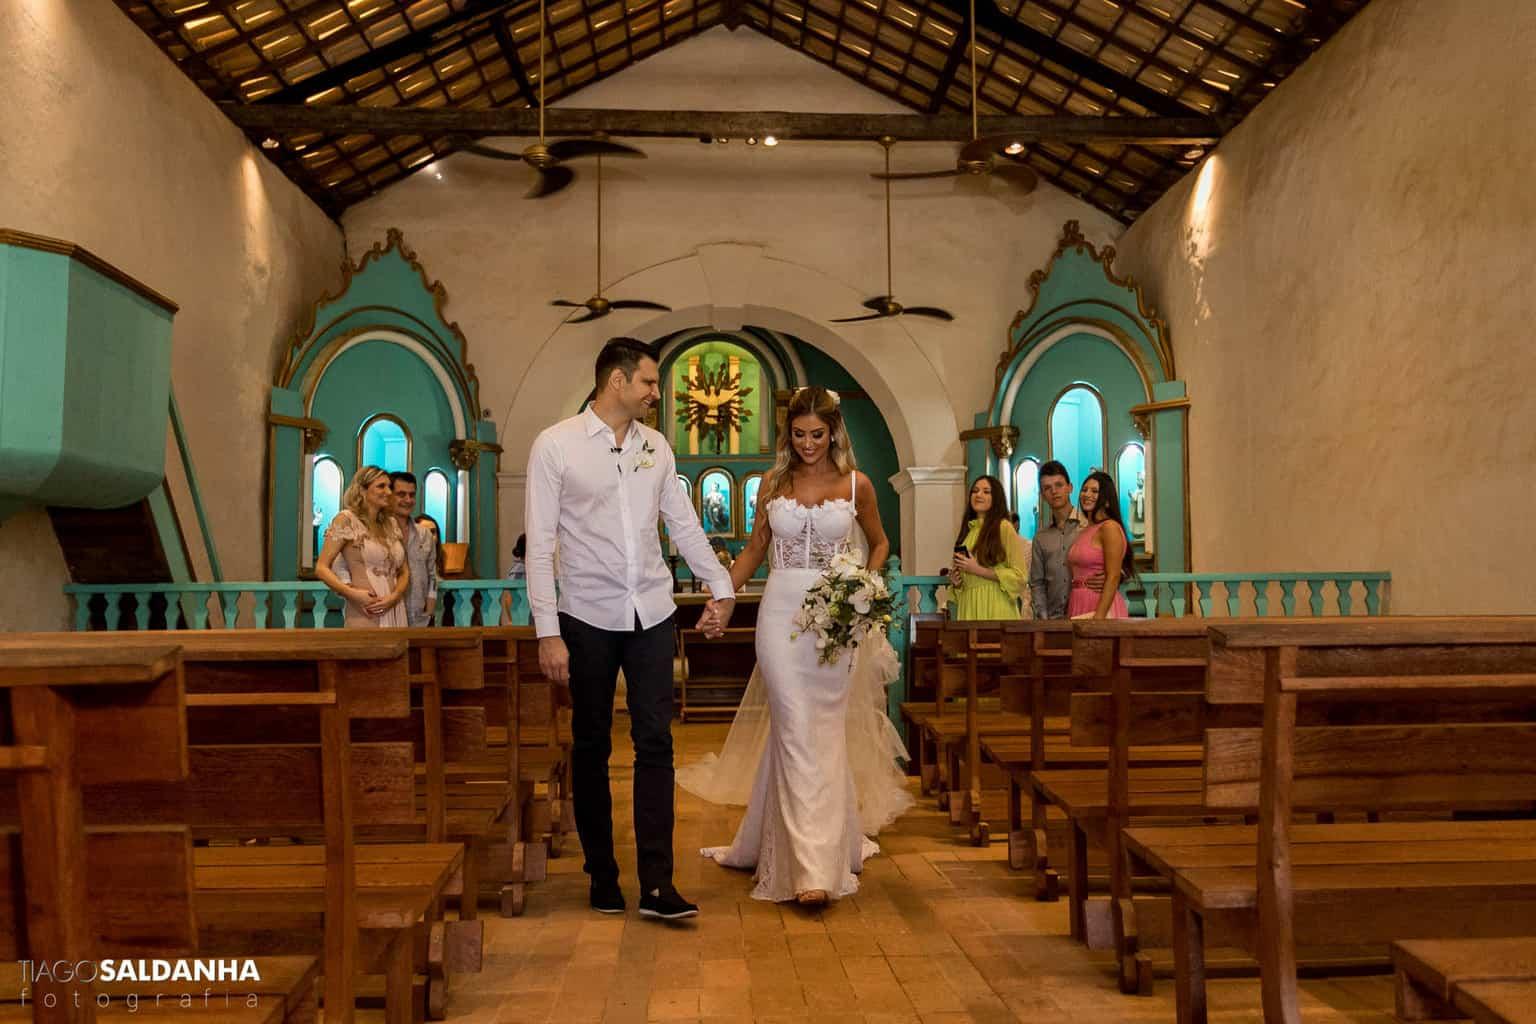 Casamento-Chandrélin-e-Laureano-cerimonia-na-igreja-Chan-e-Lau-foto-do-casal-Igreja-do-Quadrado-Trancoso4